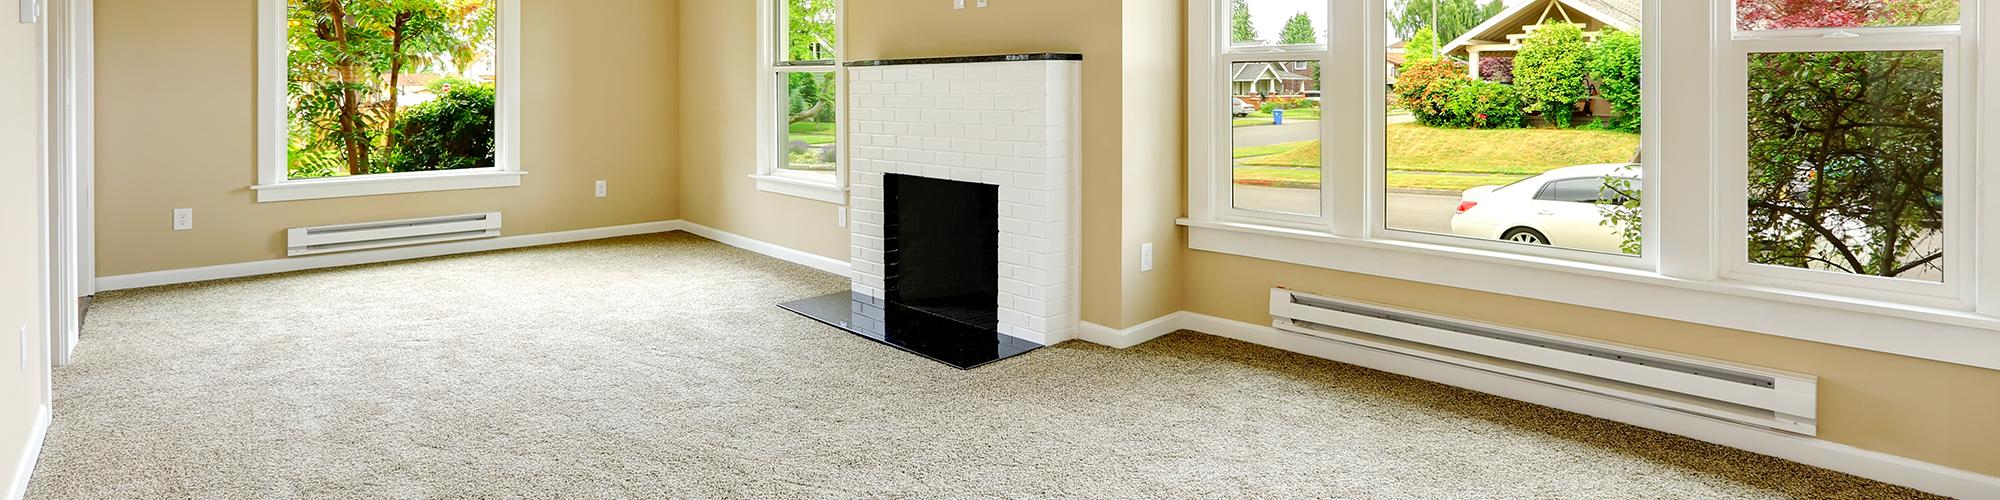 Carpet Flooring in San Antonio, TX